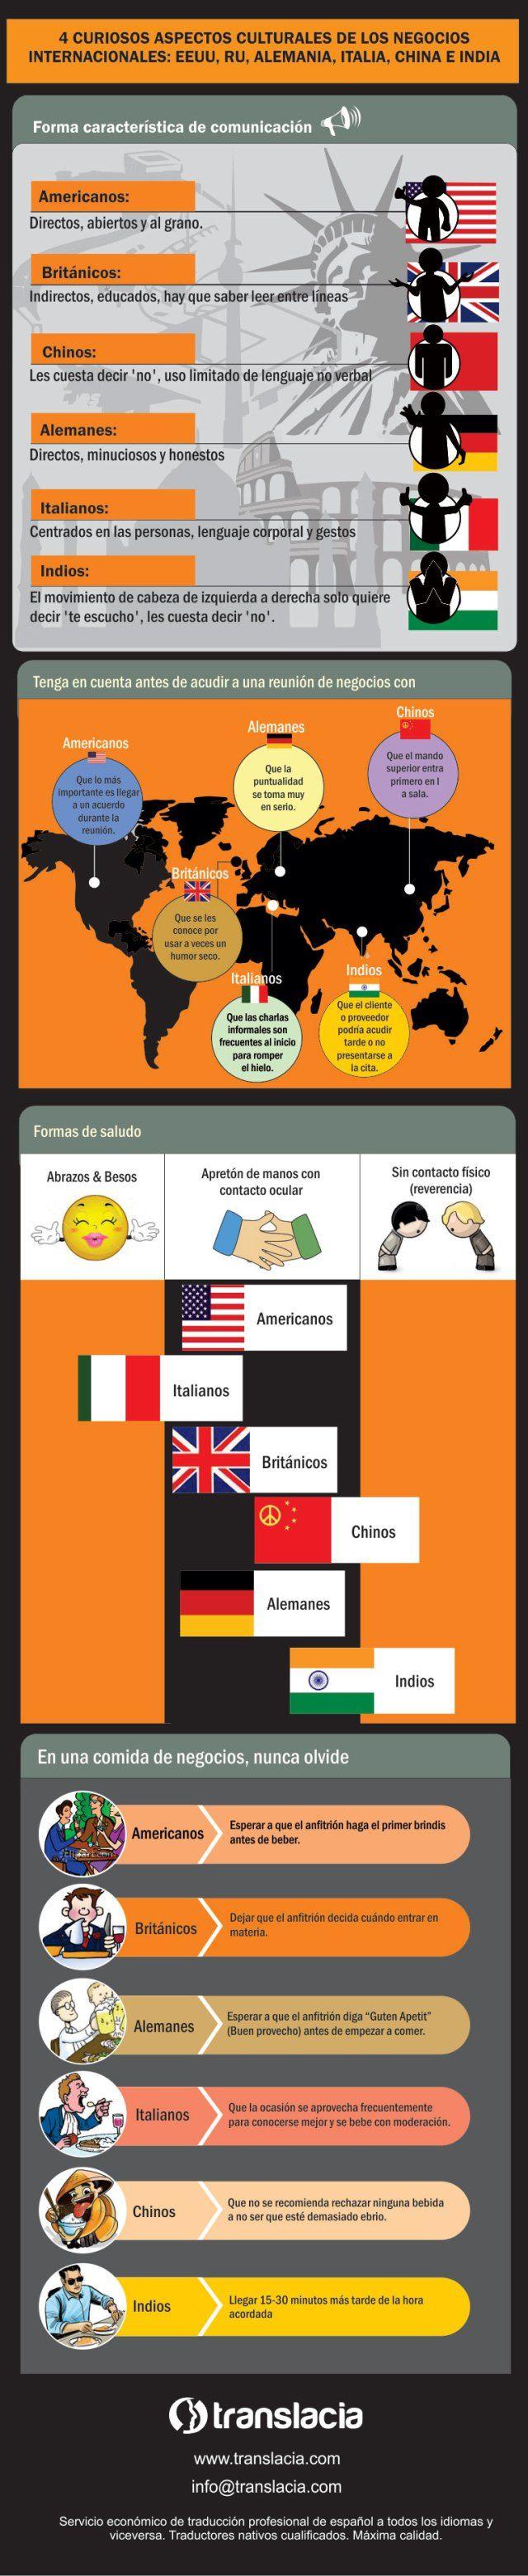 Algunas cosas que debes saber para hacer negocios internacionales